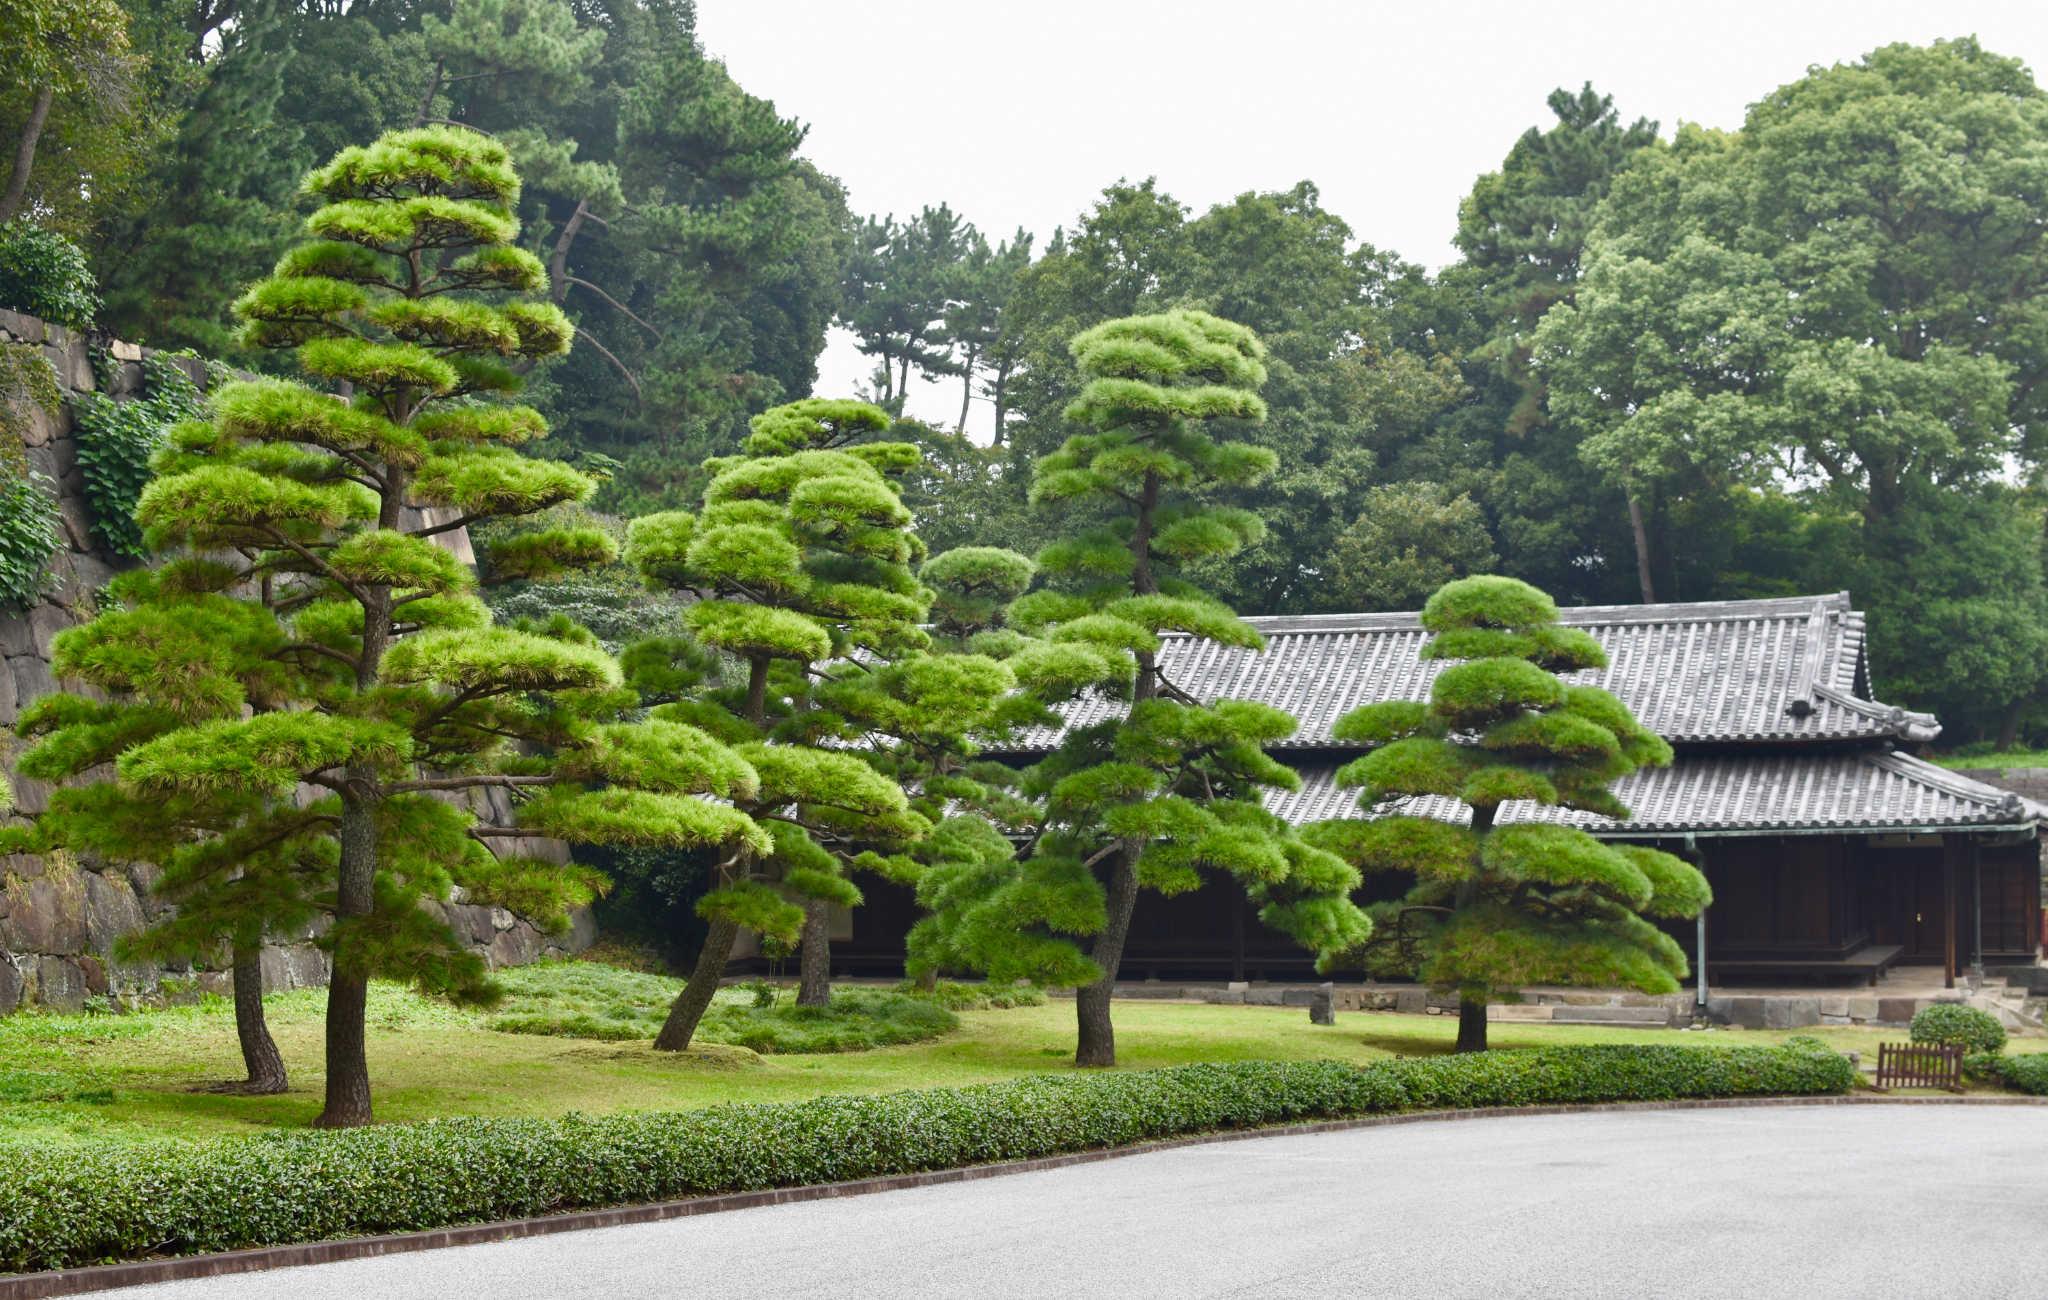 Le parc du palais impérial est remarquable pour ses nombreux pins taillés